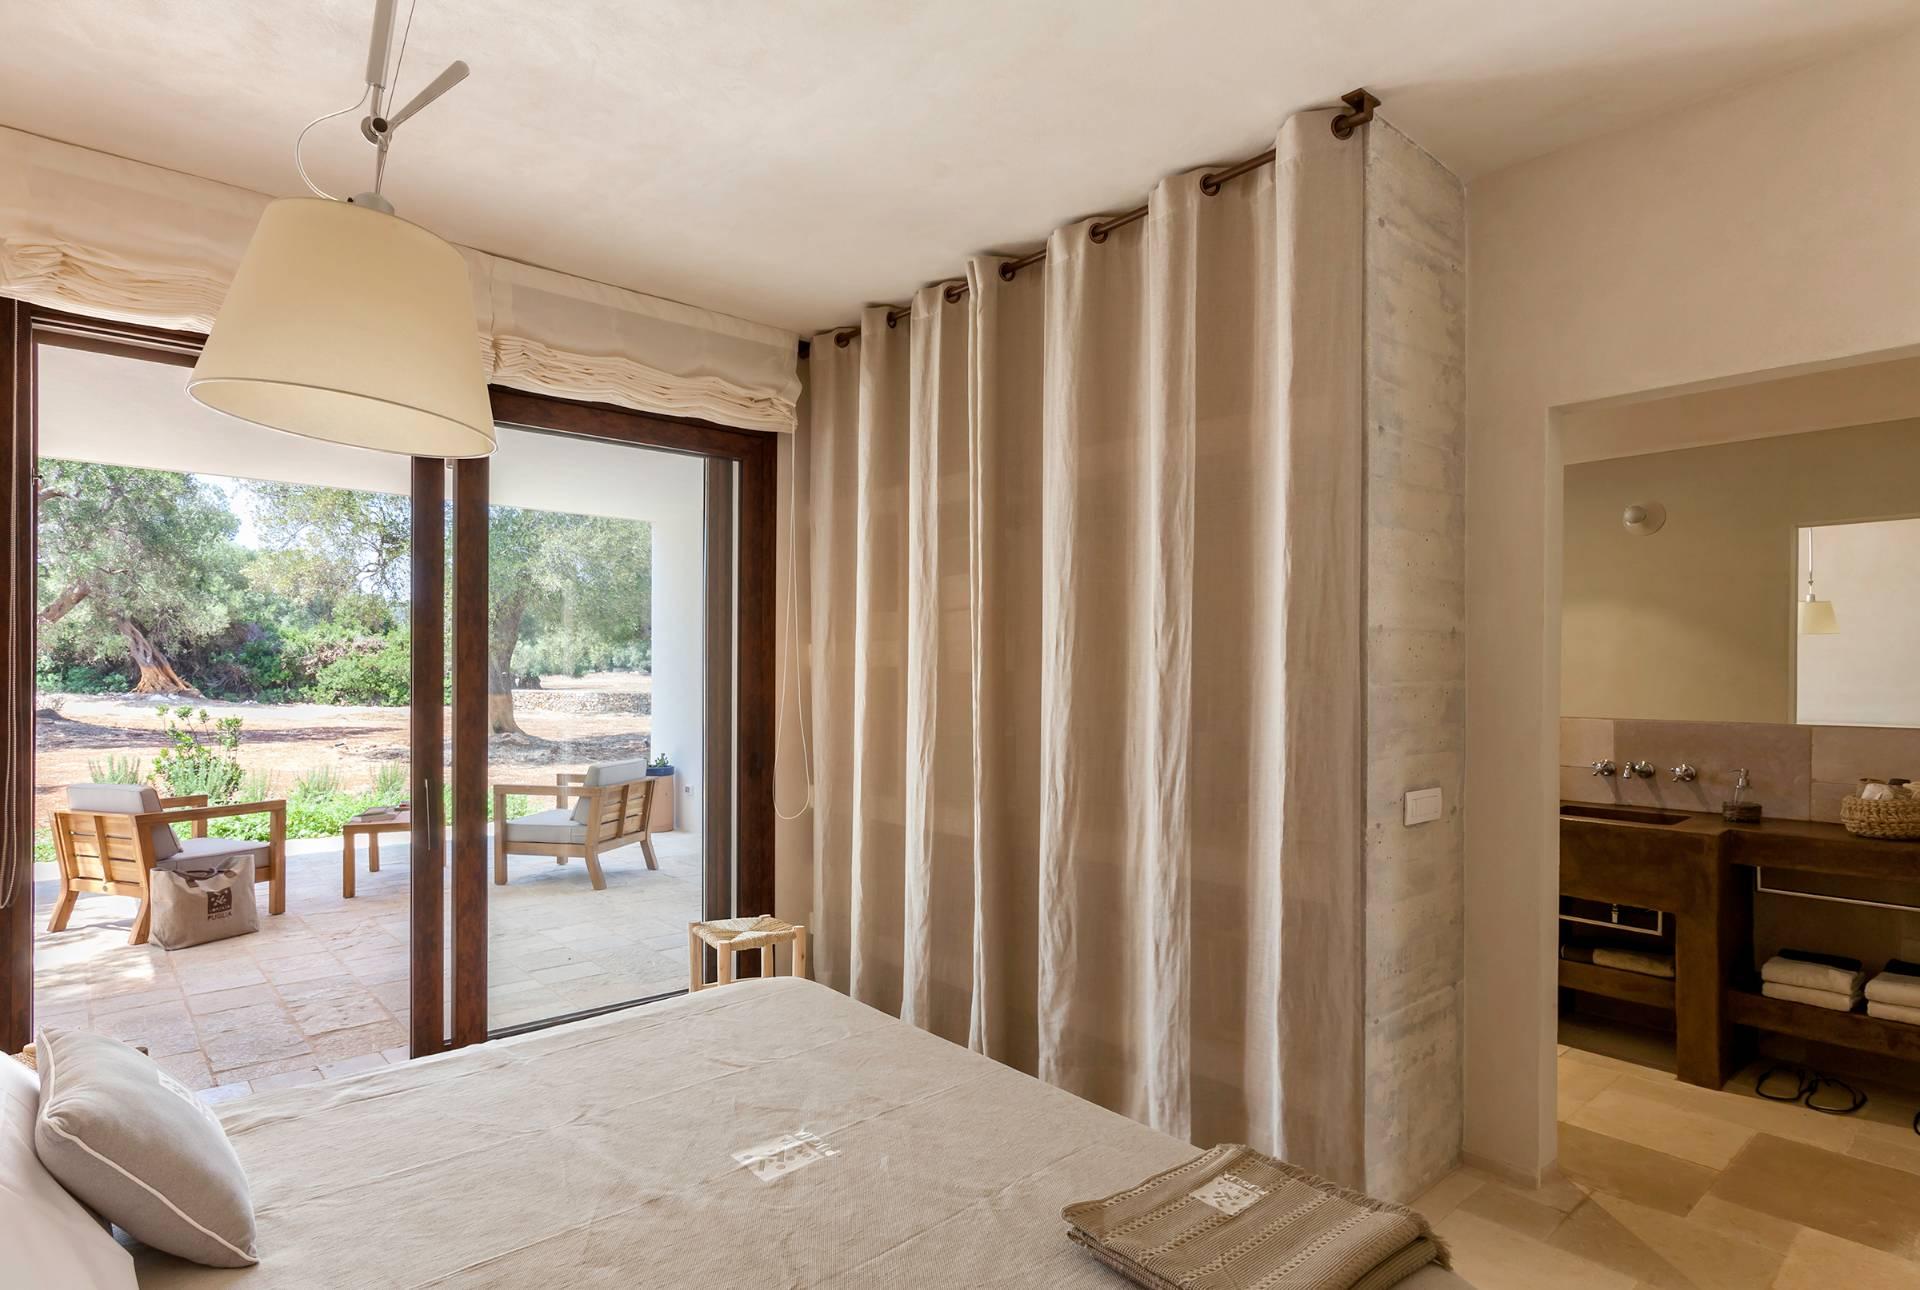 Villa in Vendita a Carovigno: 5 locali, 200 mq - Foto 6